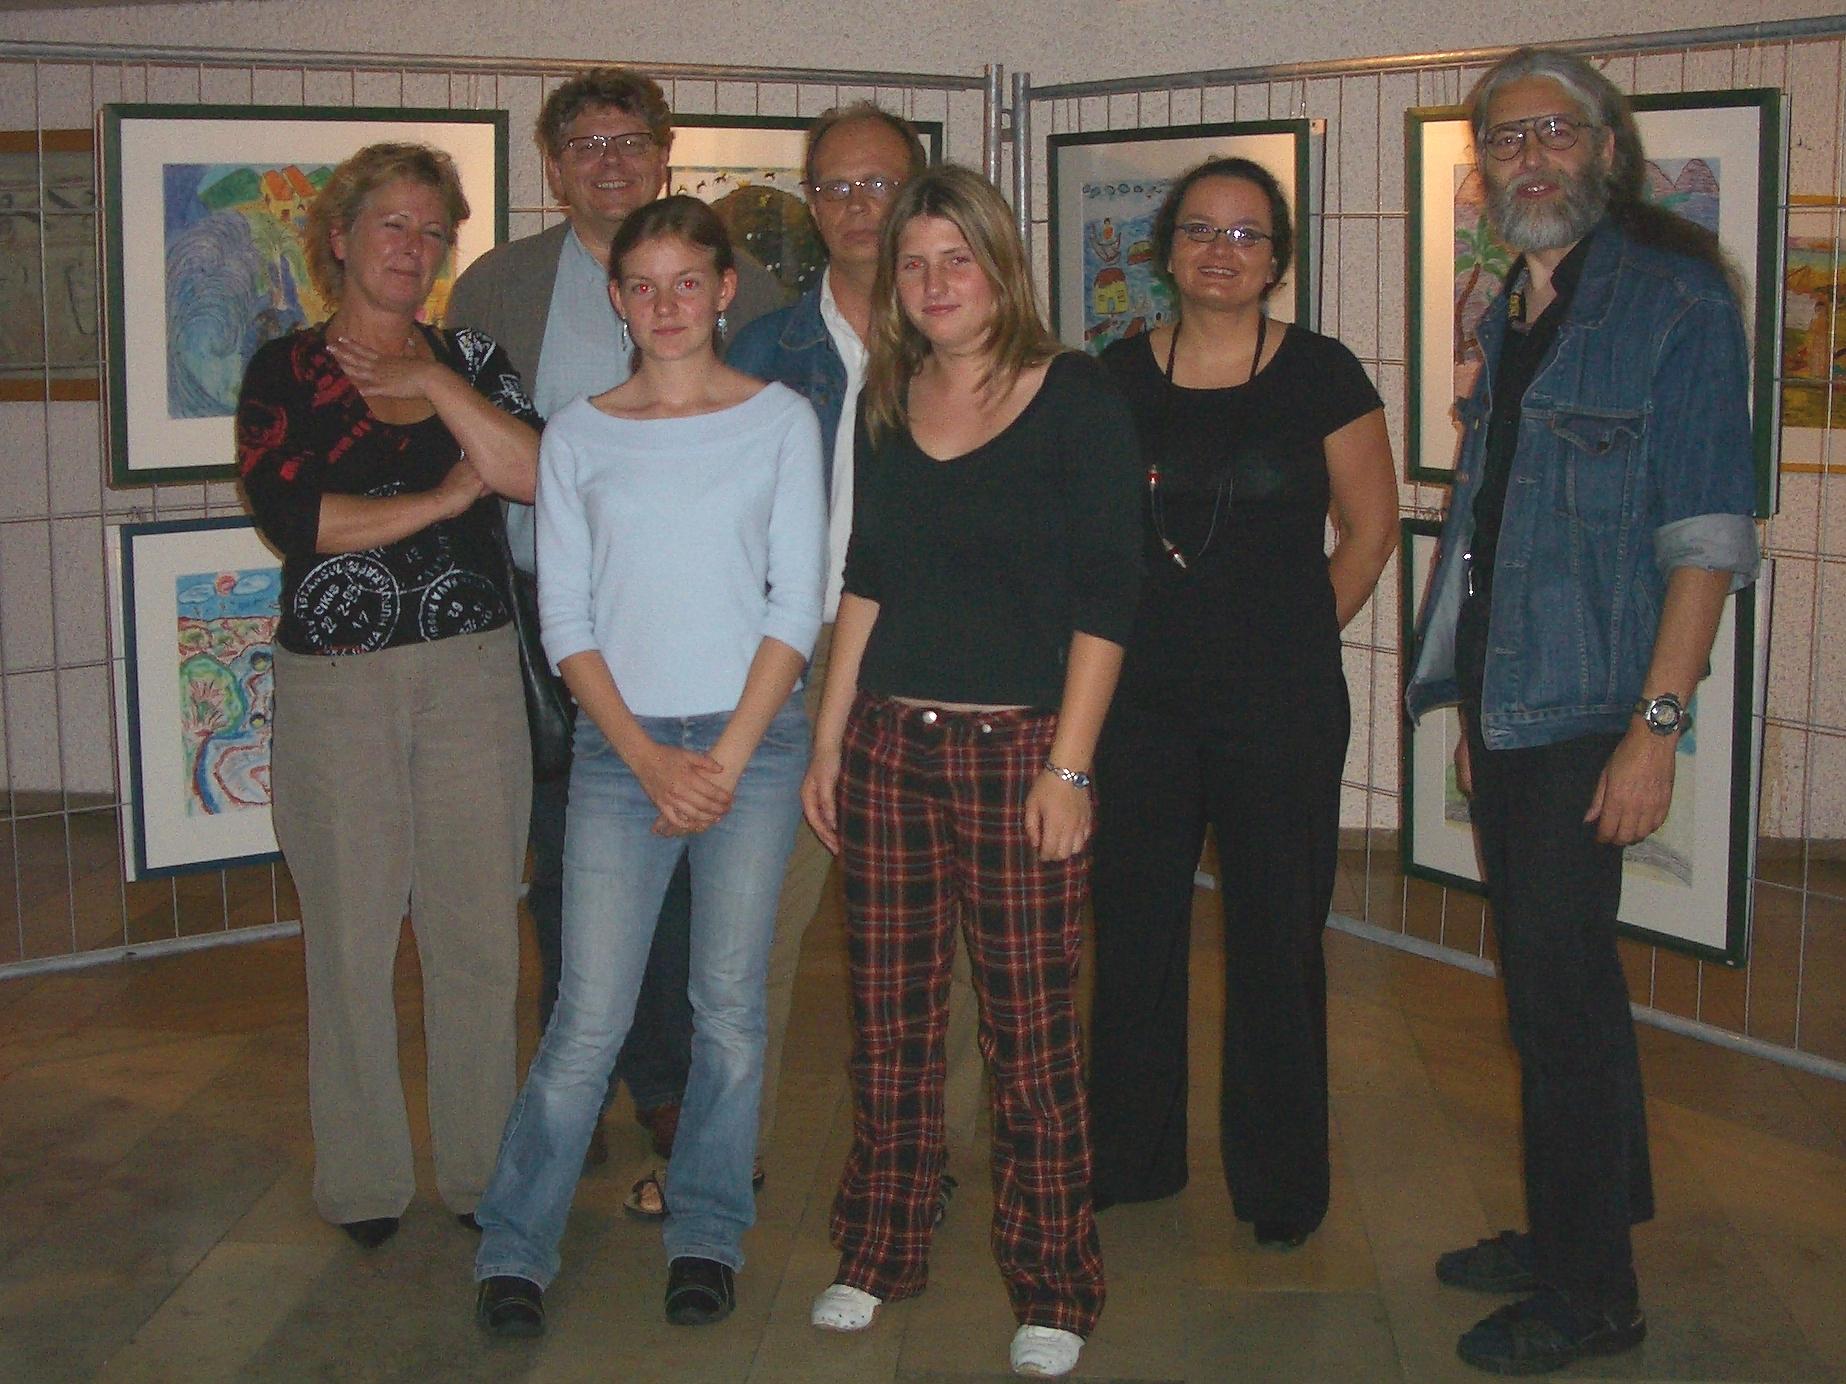 Freiwilligen-Zentrum Augsburg - Tsunami-Wanderausstellung 2005 Stetten-Institut - Foto: Wolfgang F. Lightmaster